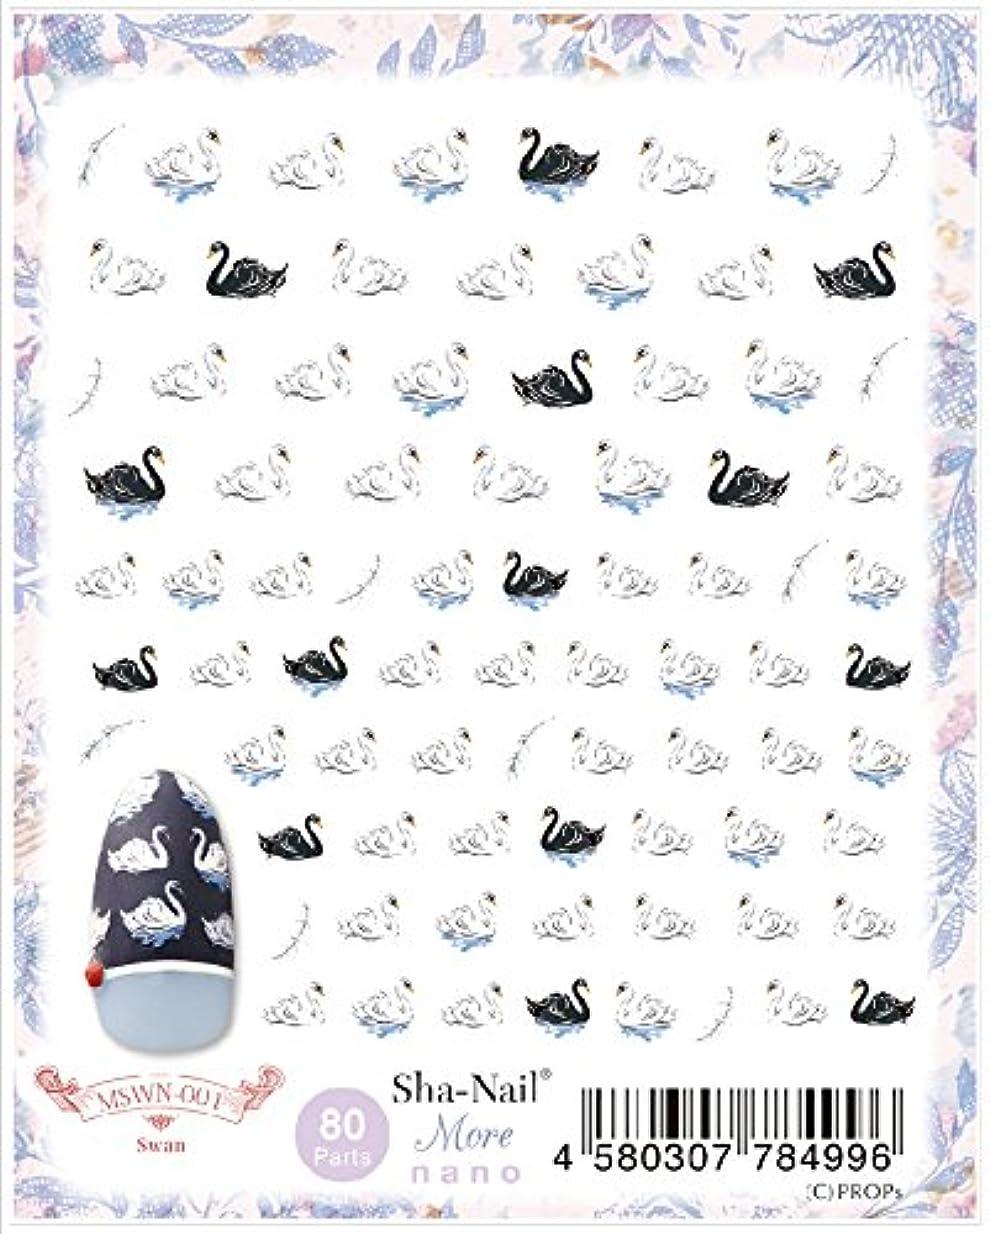 話海上一貫性のないSha-Nail More ネイルシール 【nano】スワン MSWN-001 アート材